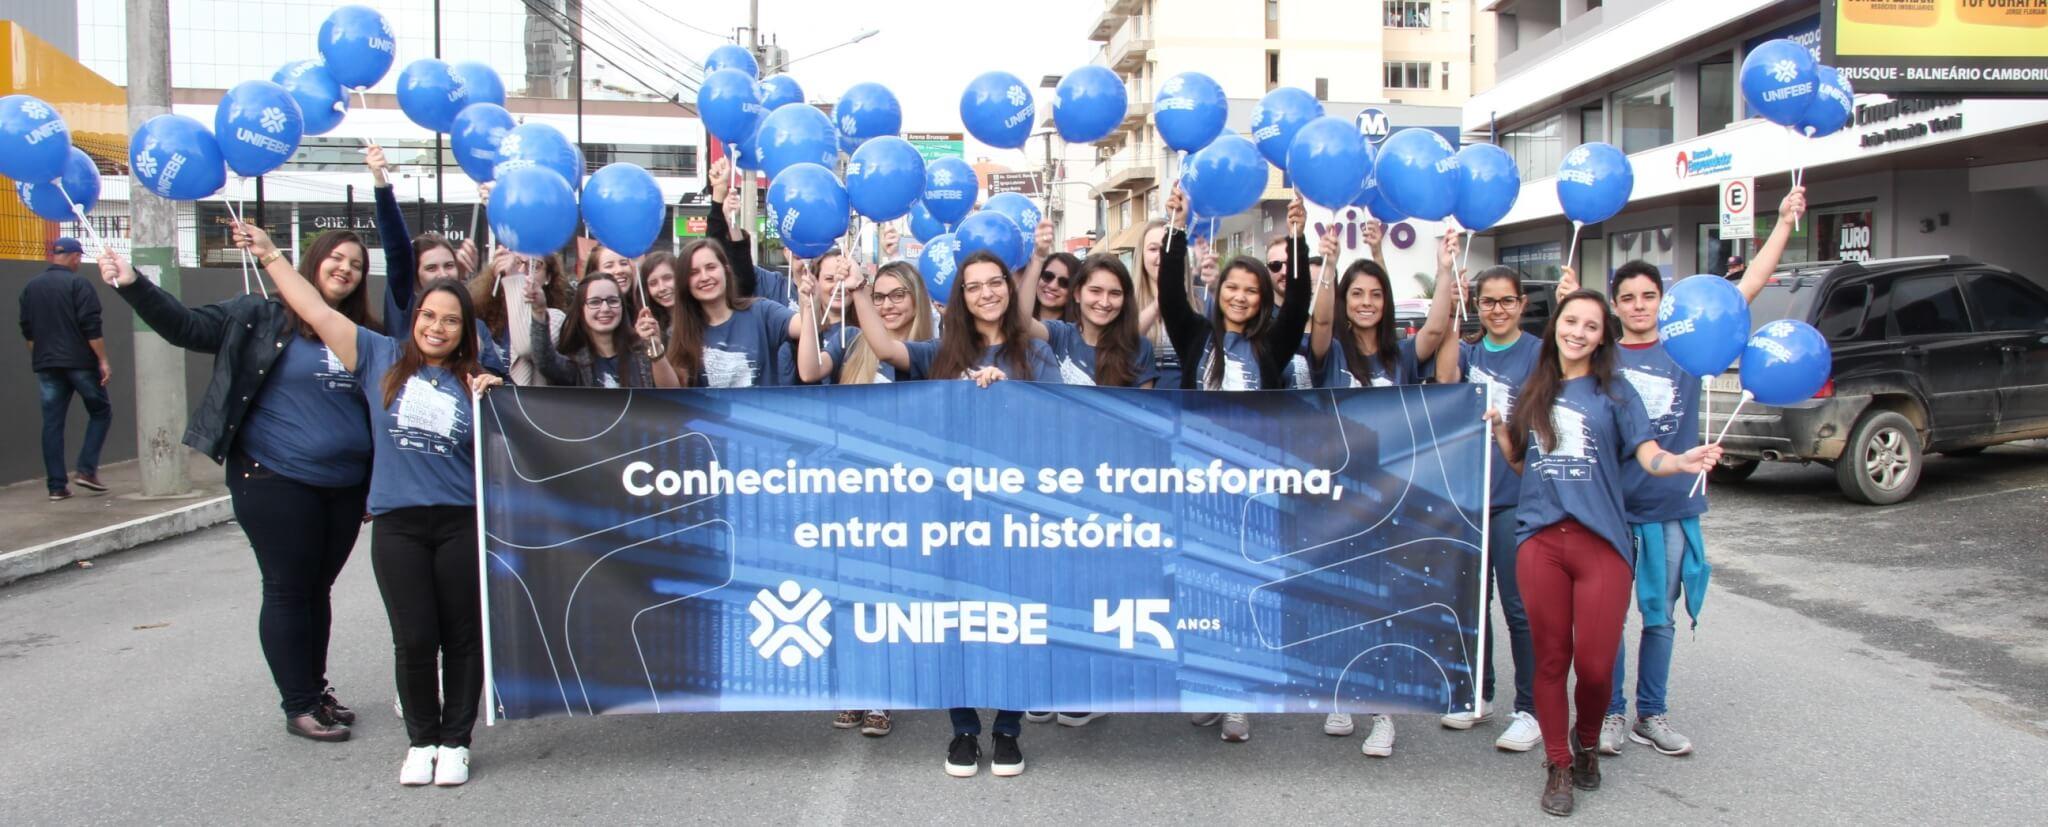 Participe do desfile de aniversário de Brusque